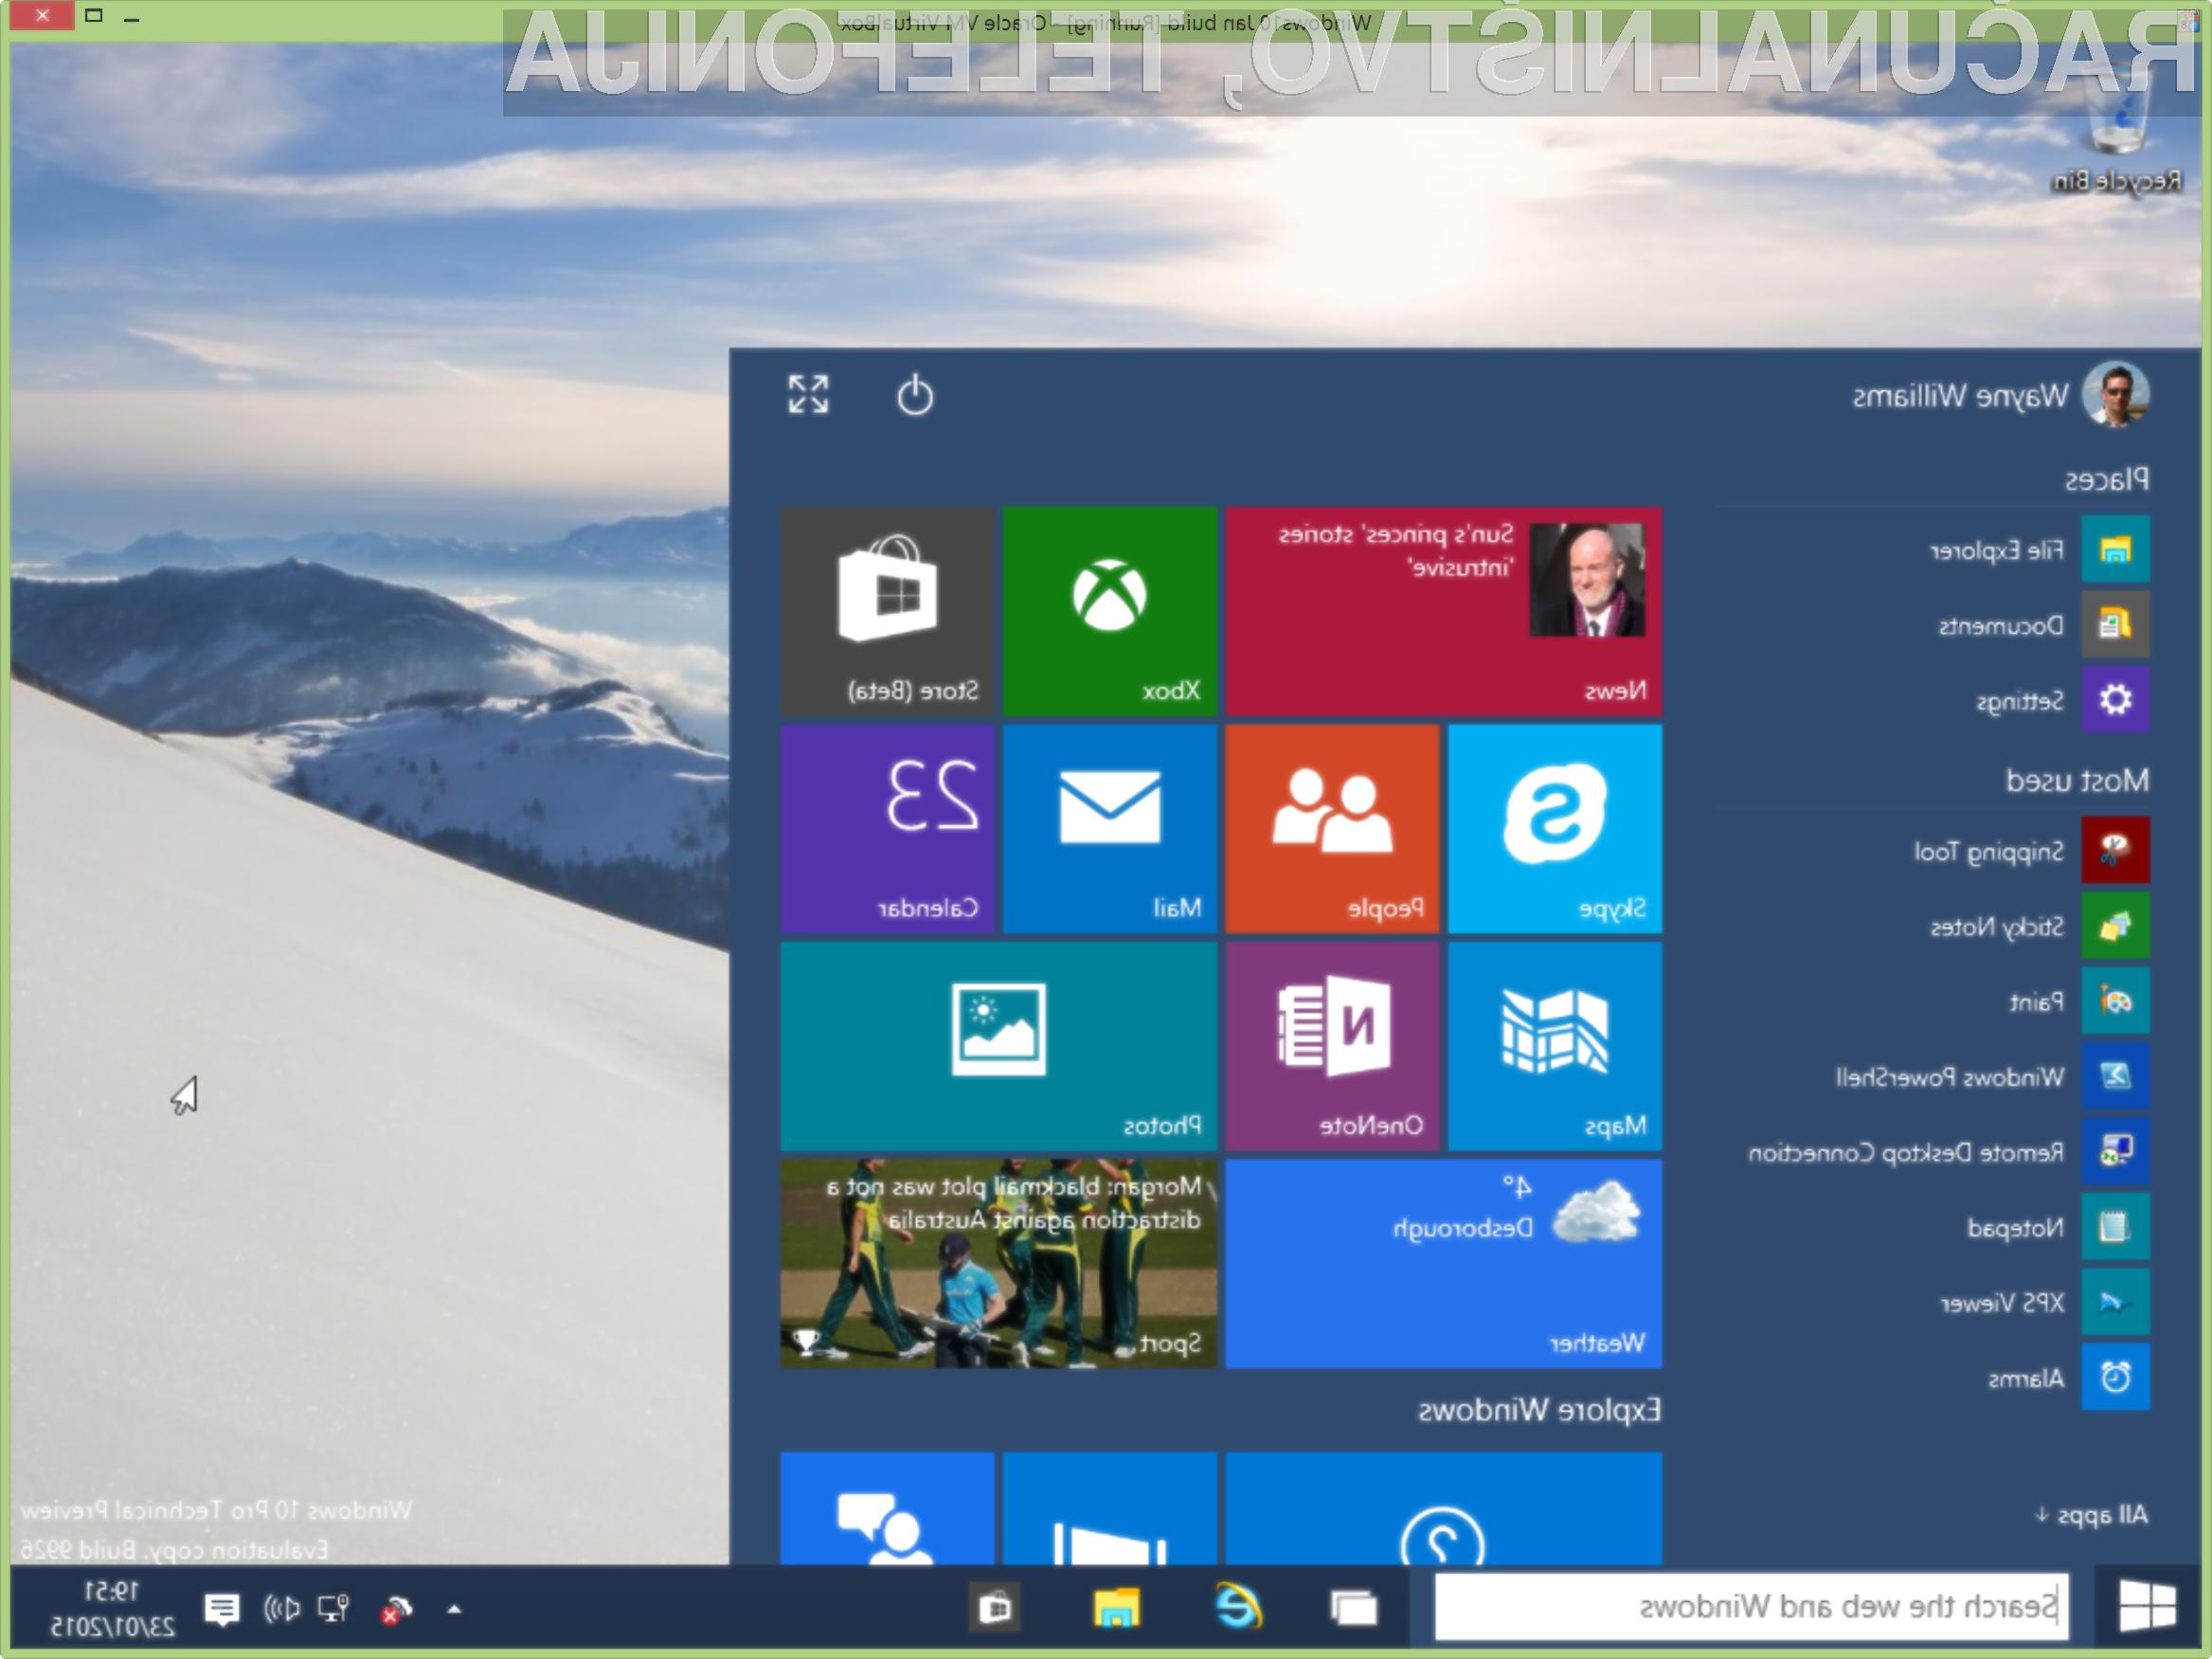 Razvoj operacijskega sistema Windows 10 naj bi bil dokončan že konec letošnjega junija!